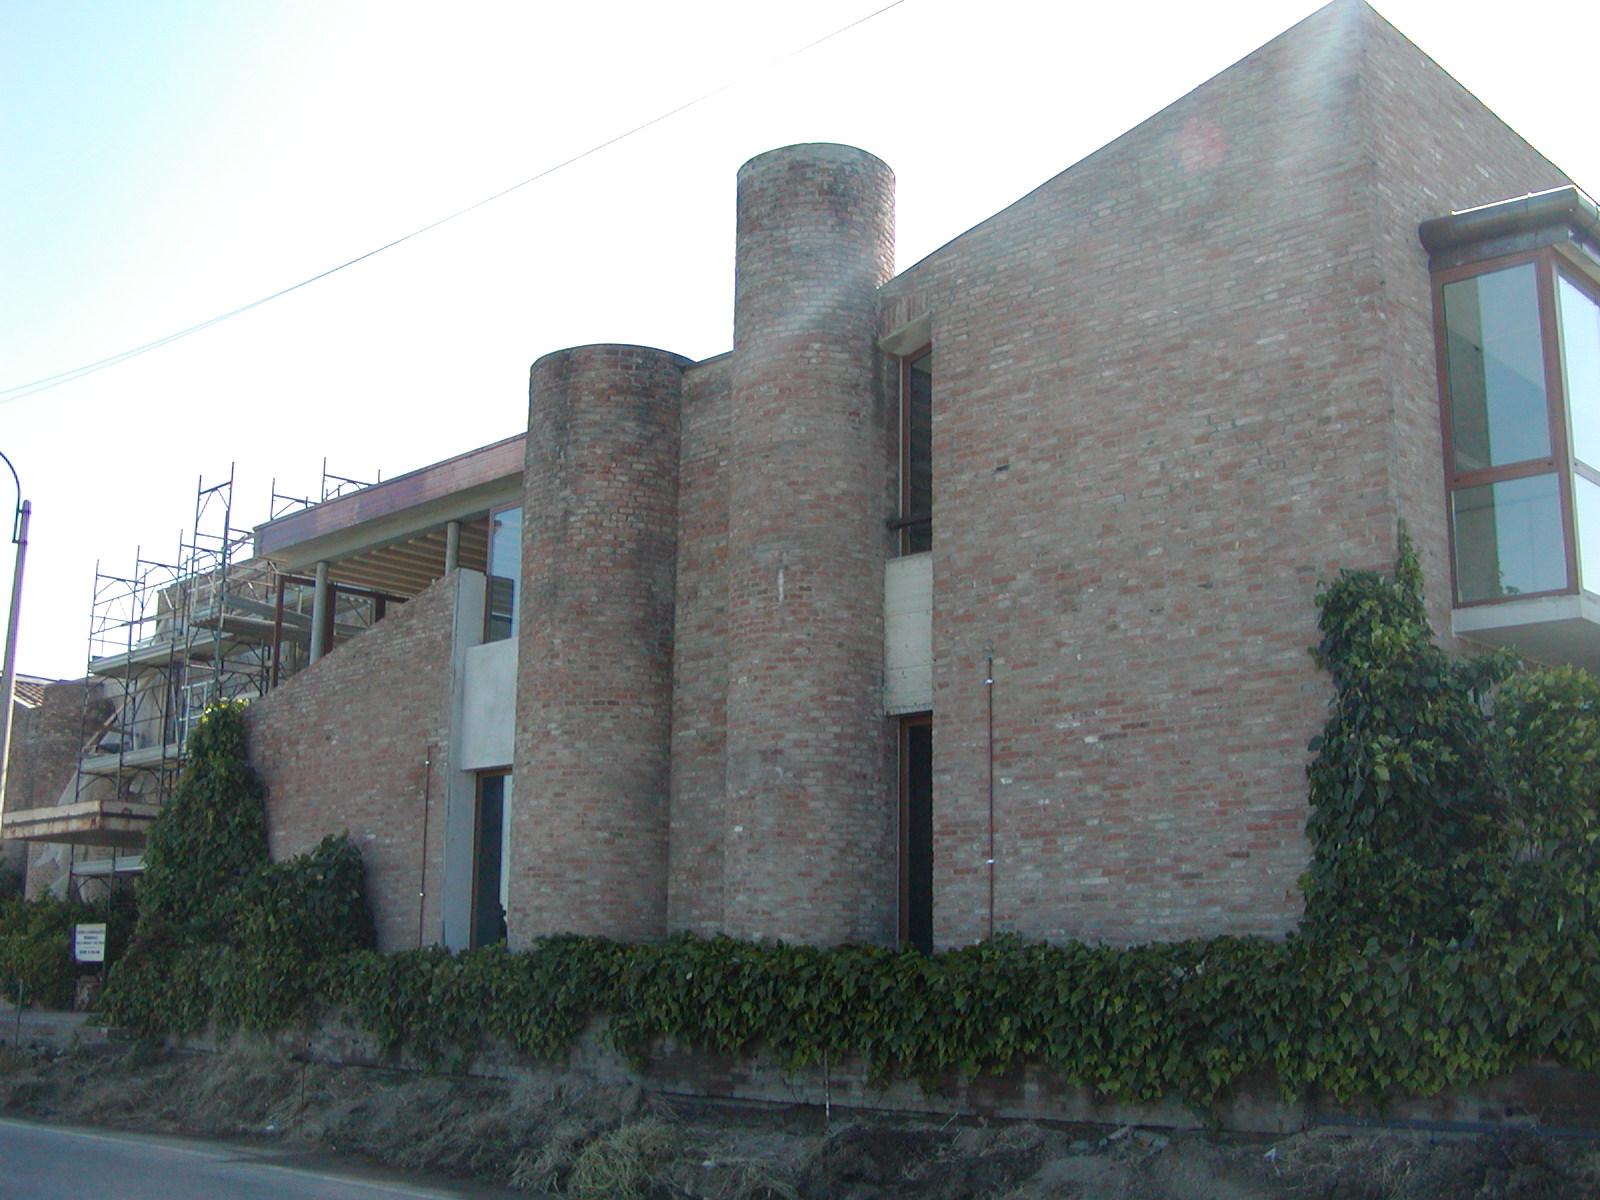 Studio-di-architettura-Baisotti-Sigala-prgetti26